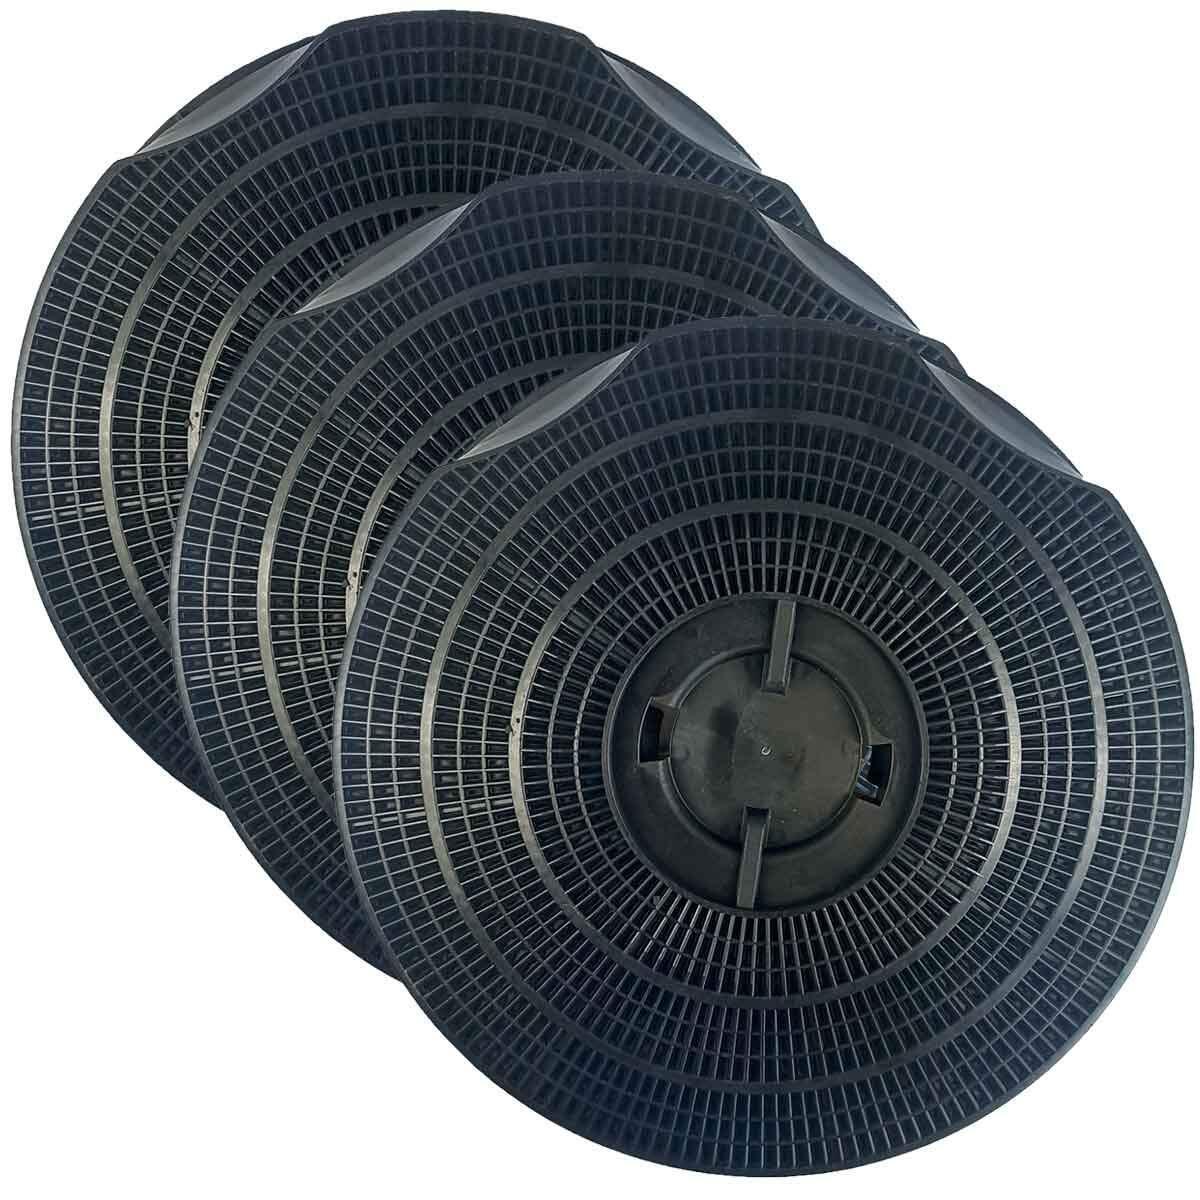 cersaty/® 300 Pz Filtro per t/è usa e Getta,Bustine the Vuote in Coulisse Naturale per per T/è Erbe Spezie Grani,Caff/è e Altro 5,5 /× 7 cm, 7 cm /× 9 cm, 8 cm /× 10 cm, Cento Ciascuno